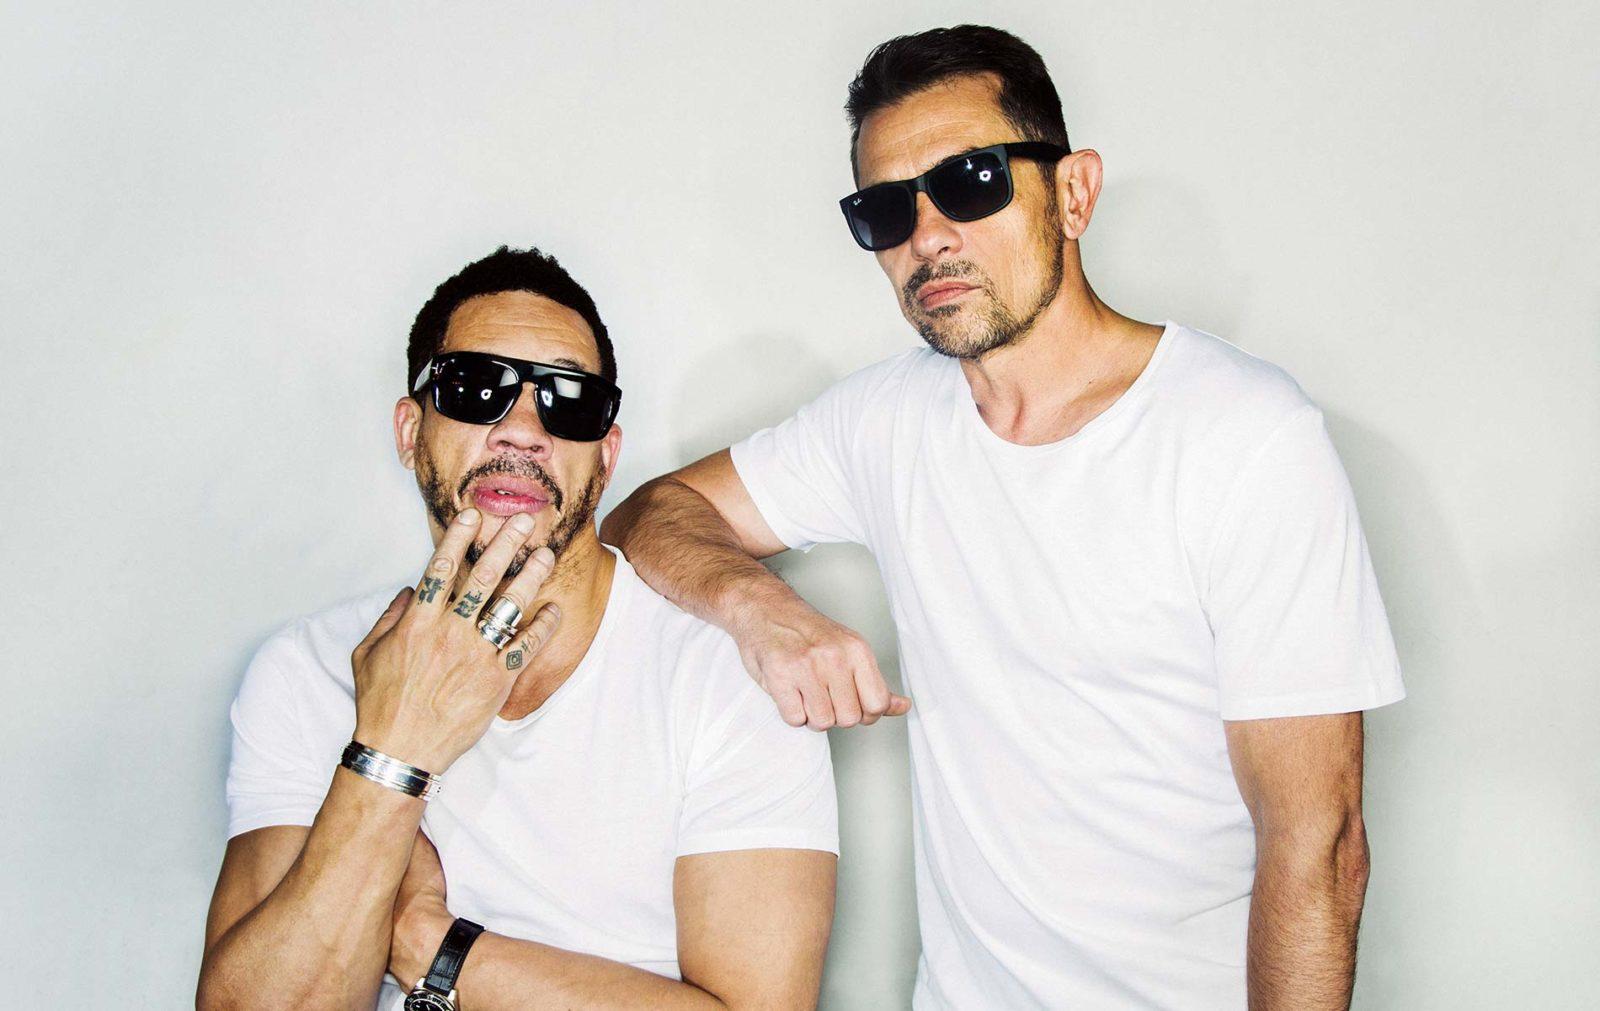 Suprementm - La relève du rap français débarque sur la scène RADAR de Solidays !